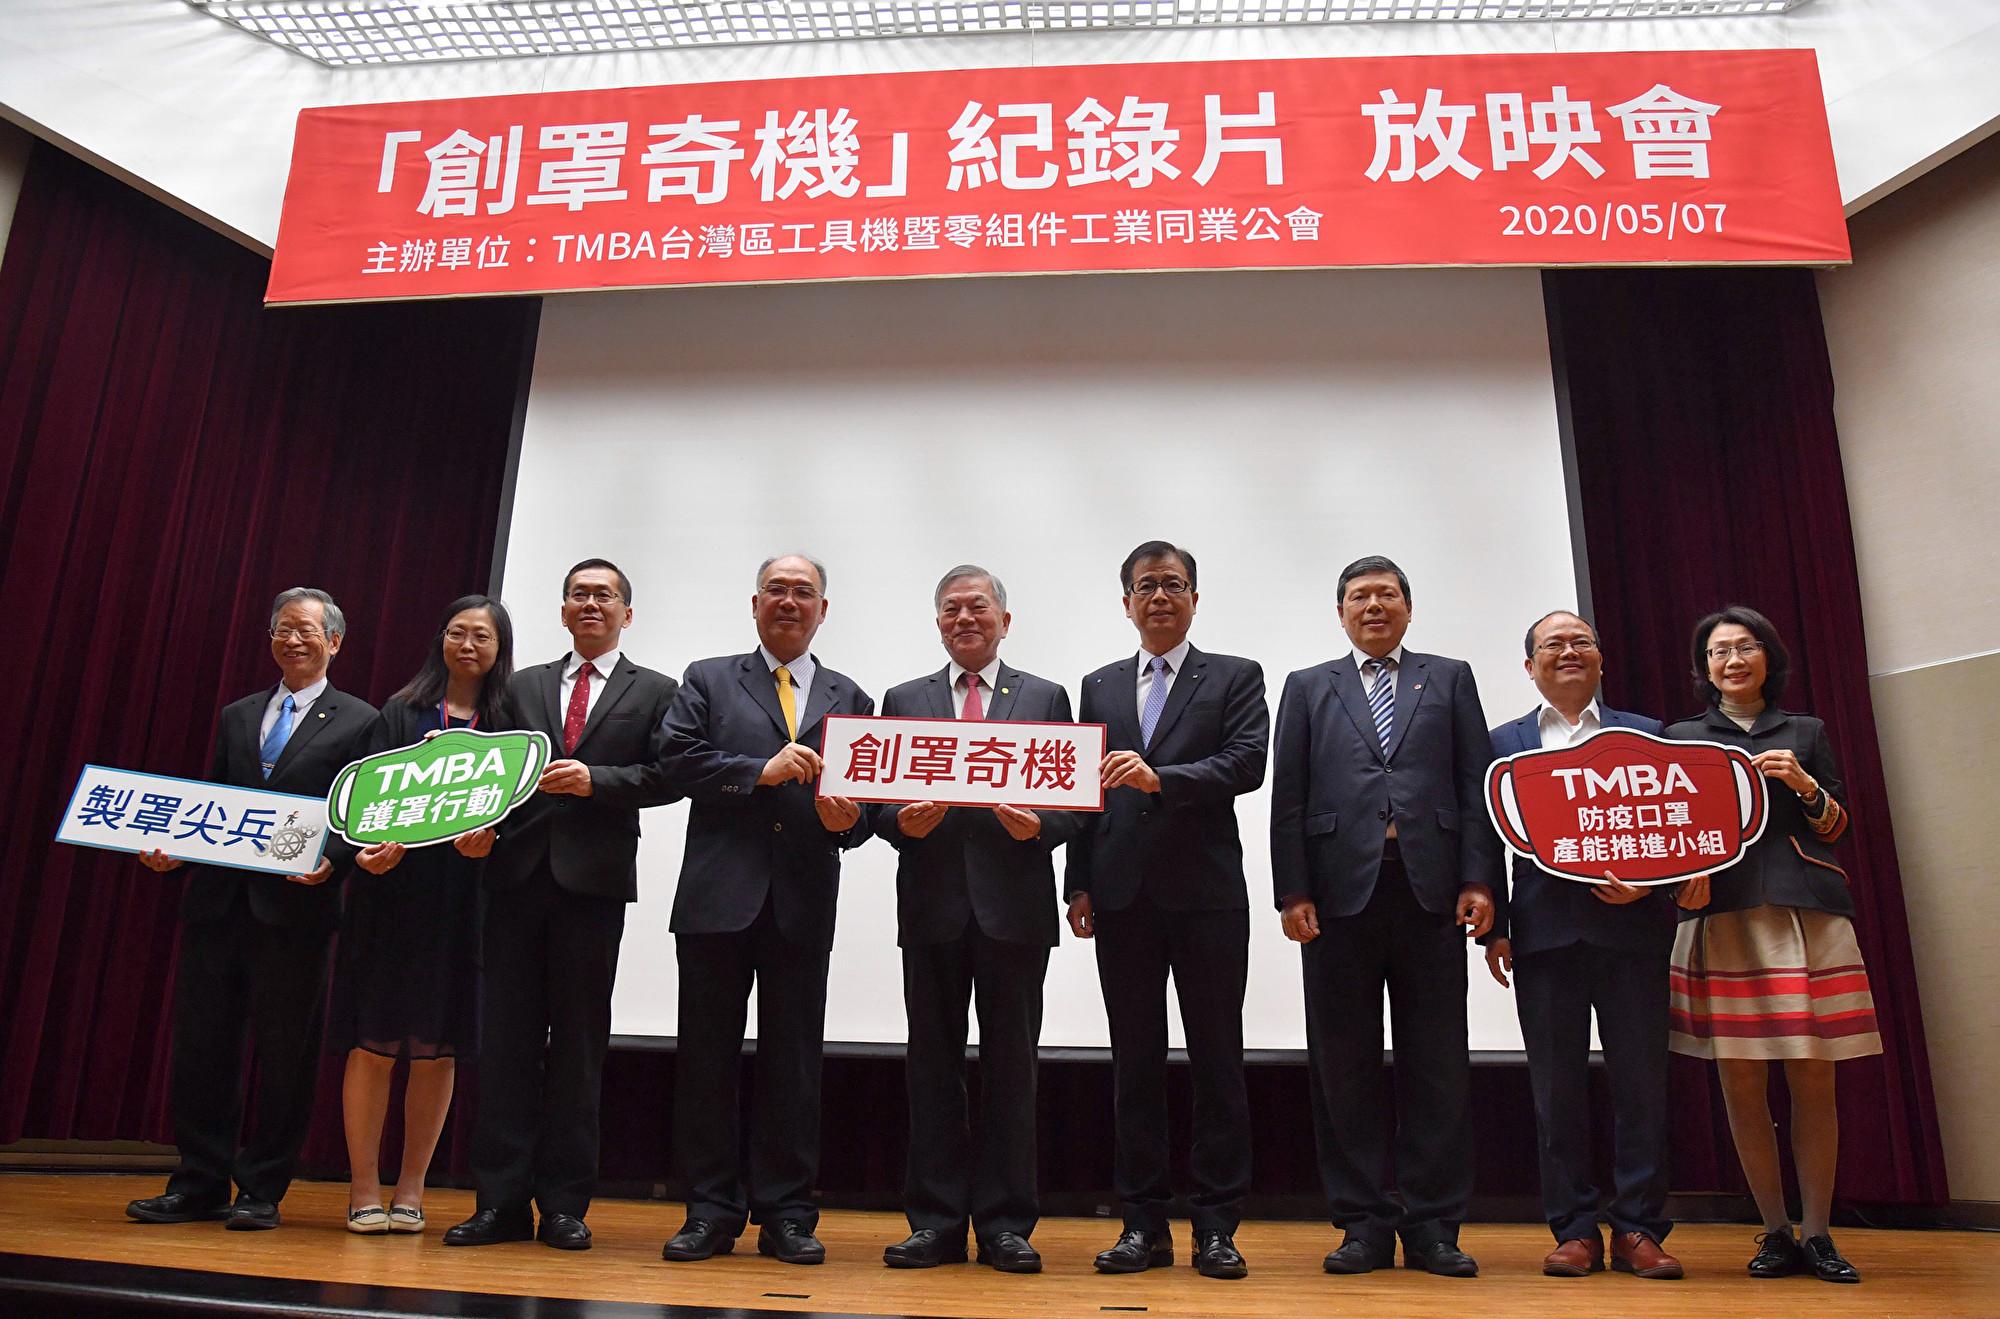 「創罩奇蹟」台灣成全球第二大口罩生產國